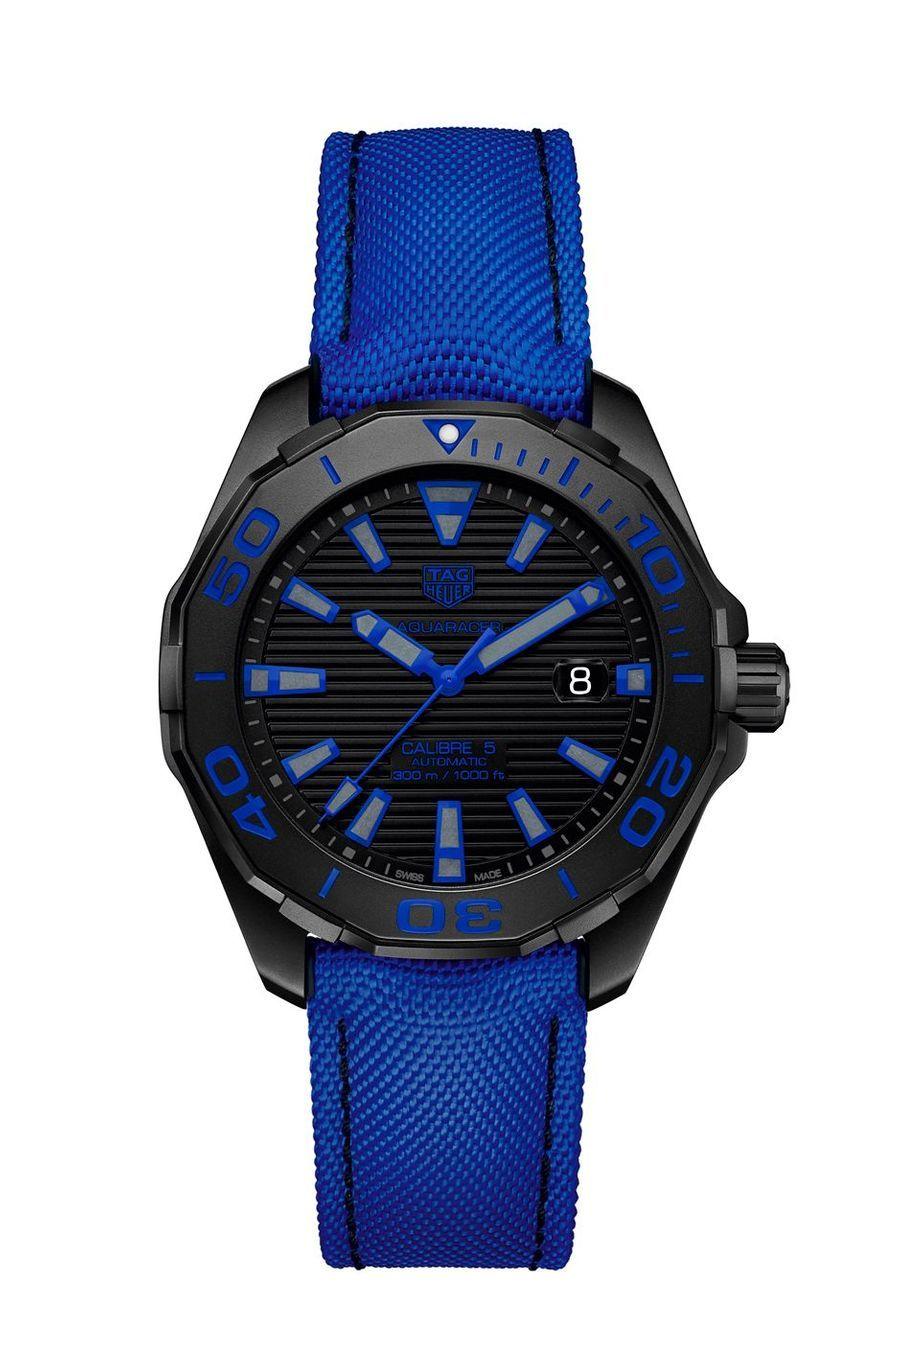 Aquaracer. Boîte en titane PVD noir, 43 mm de diamètre, mouvement automatique, bracelet en nylon. 2 500 €. TAG Heuer.